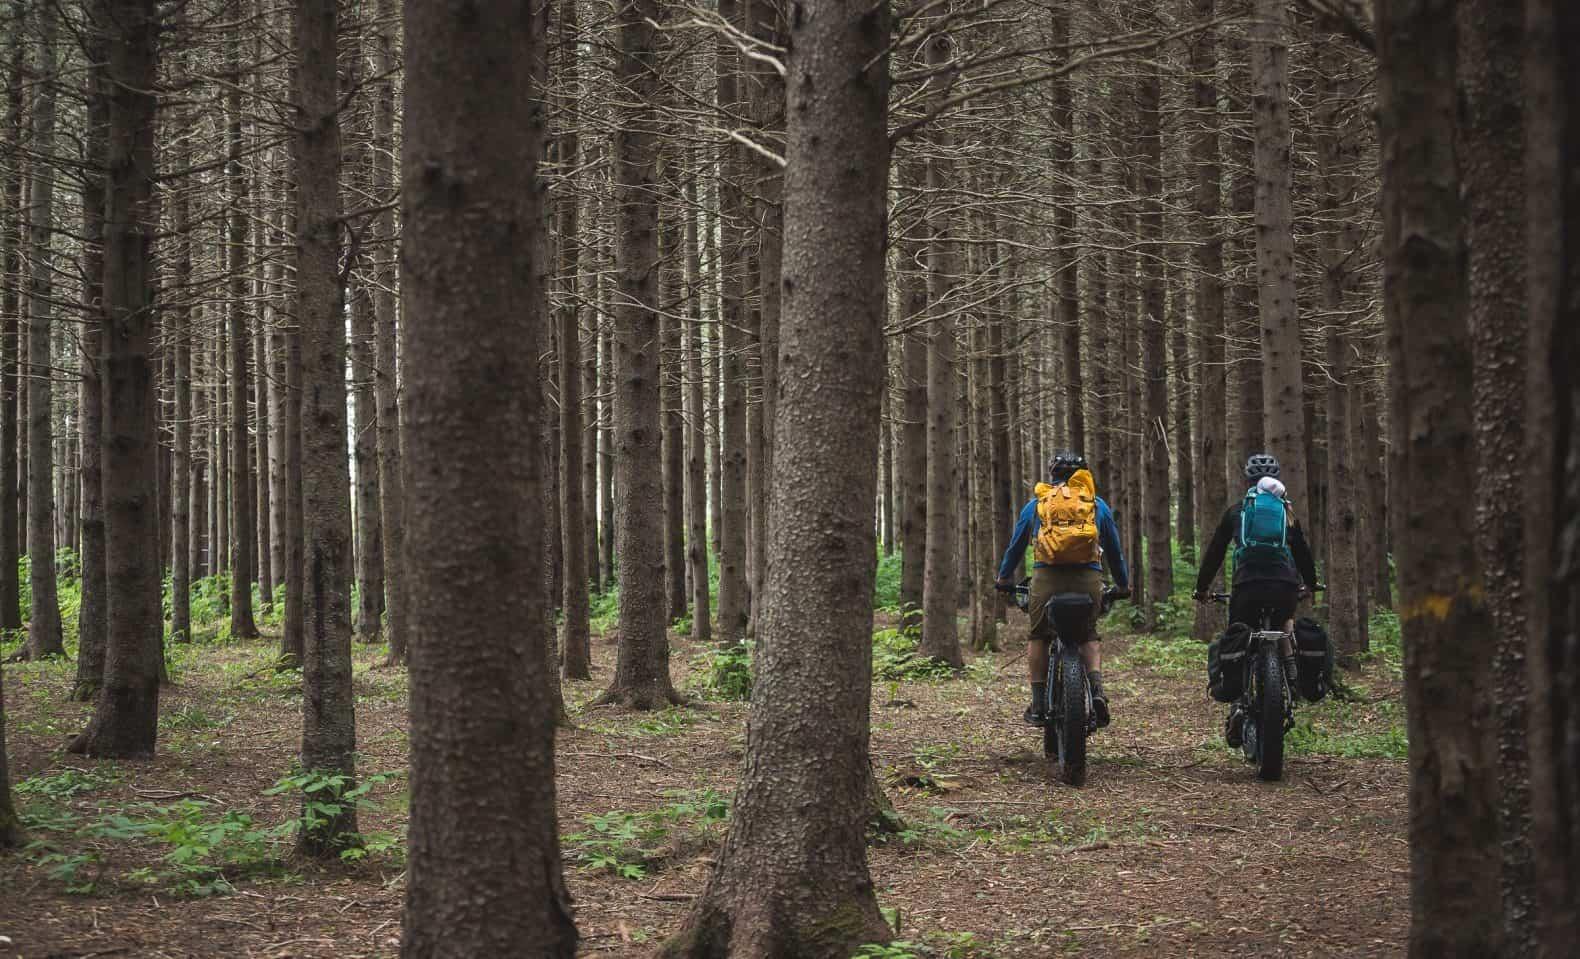 Une aventure en fatbike de bikepacking dans une forêt de conifères en Gaspésie